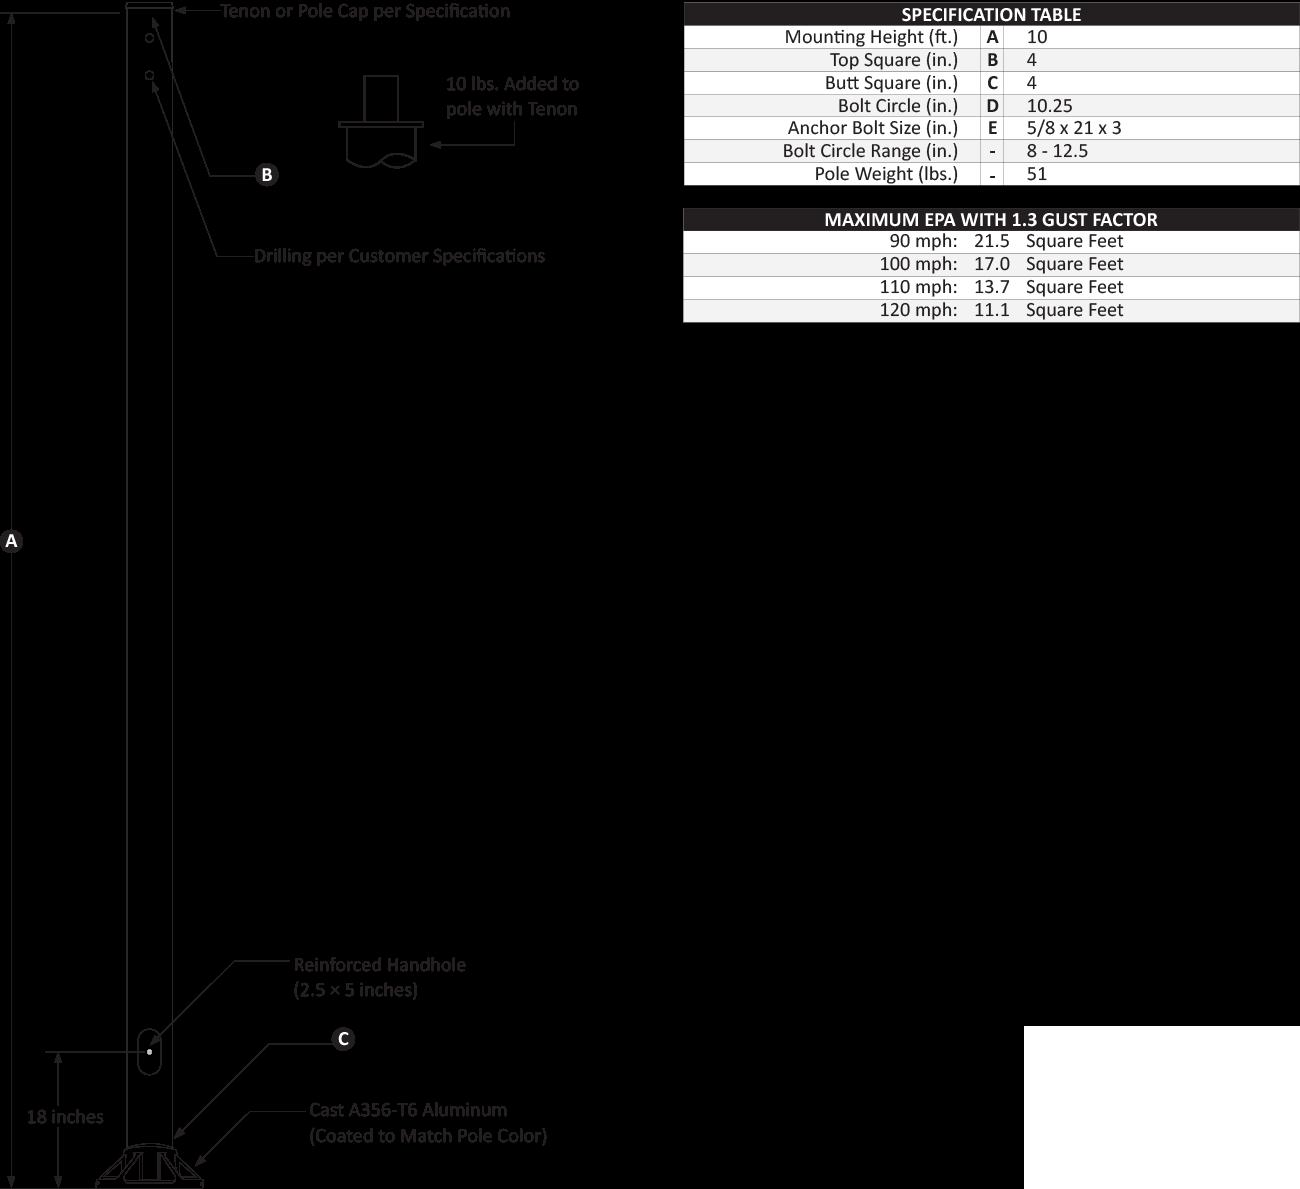 10SQ4F Dimensions